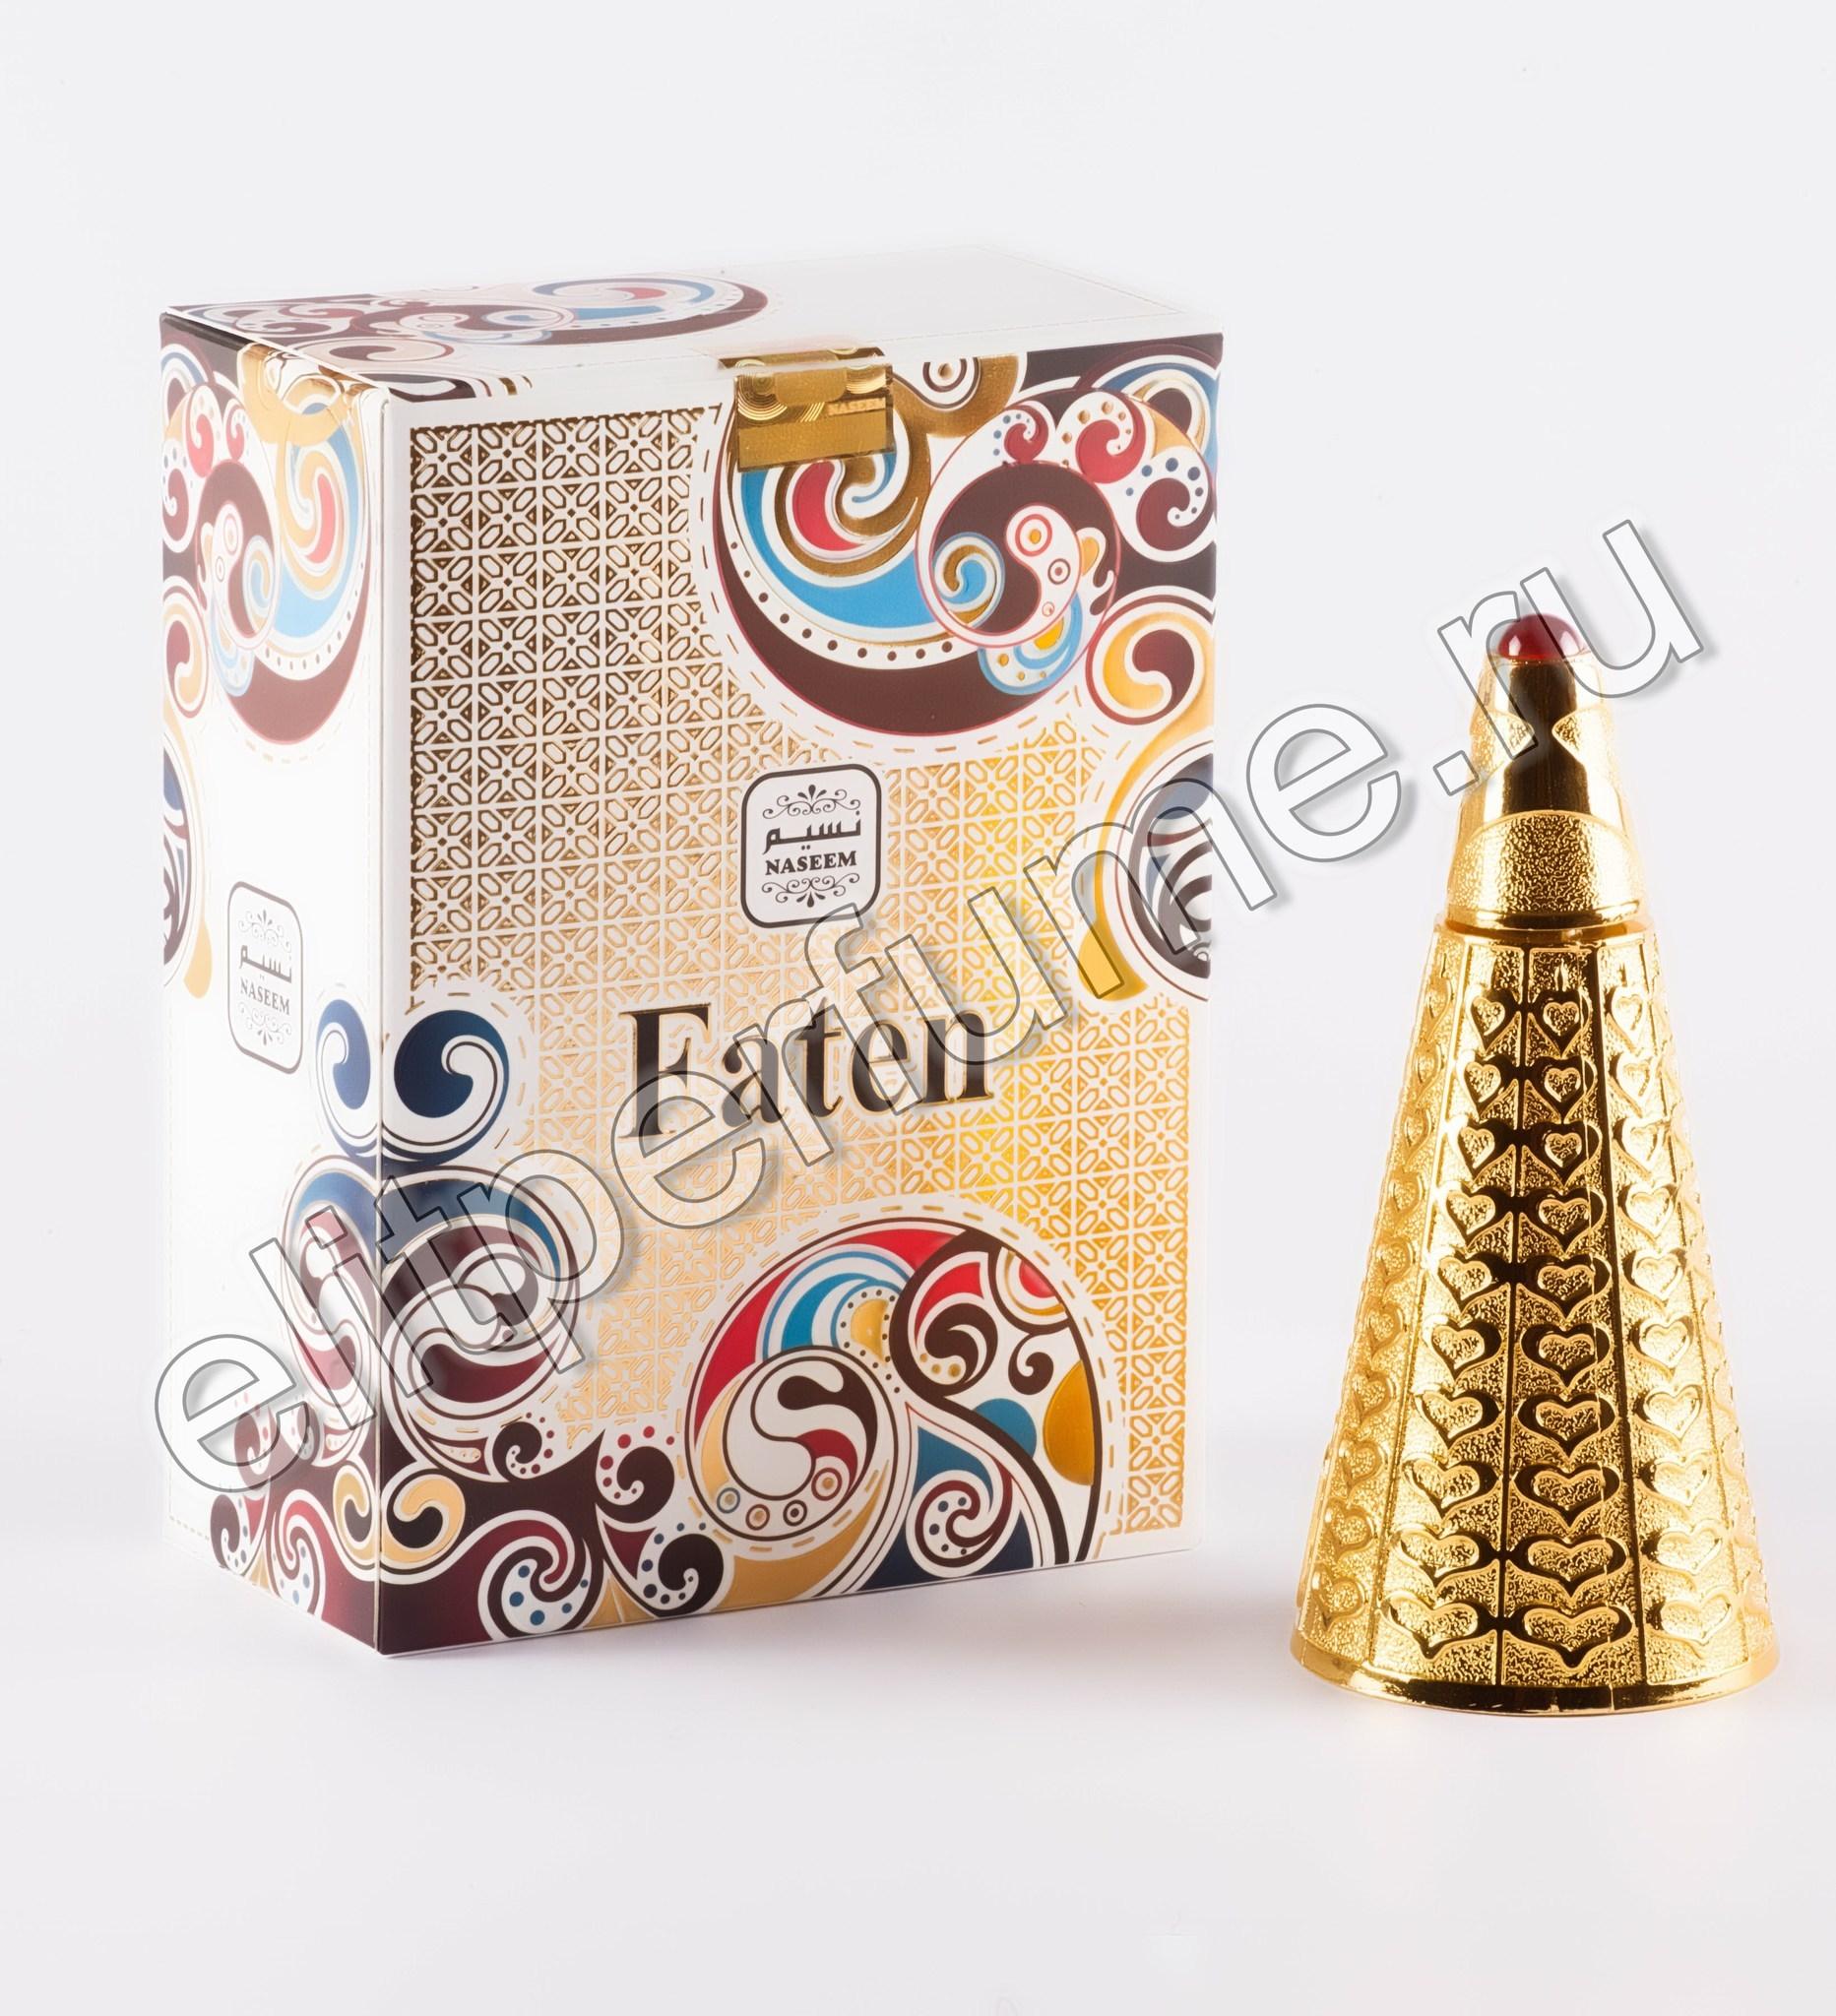 Пробник для Faten Фатен 1 мл арабские масляные духи от Насим Naseem Perfumes